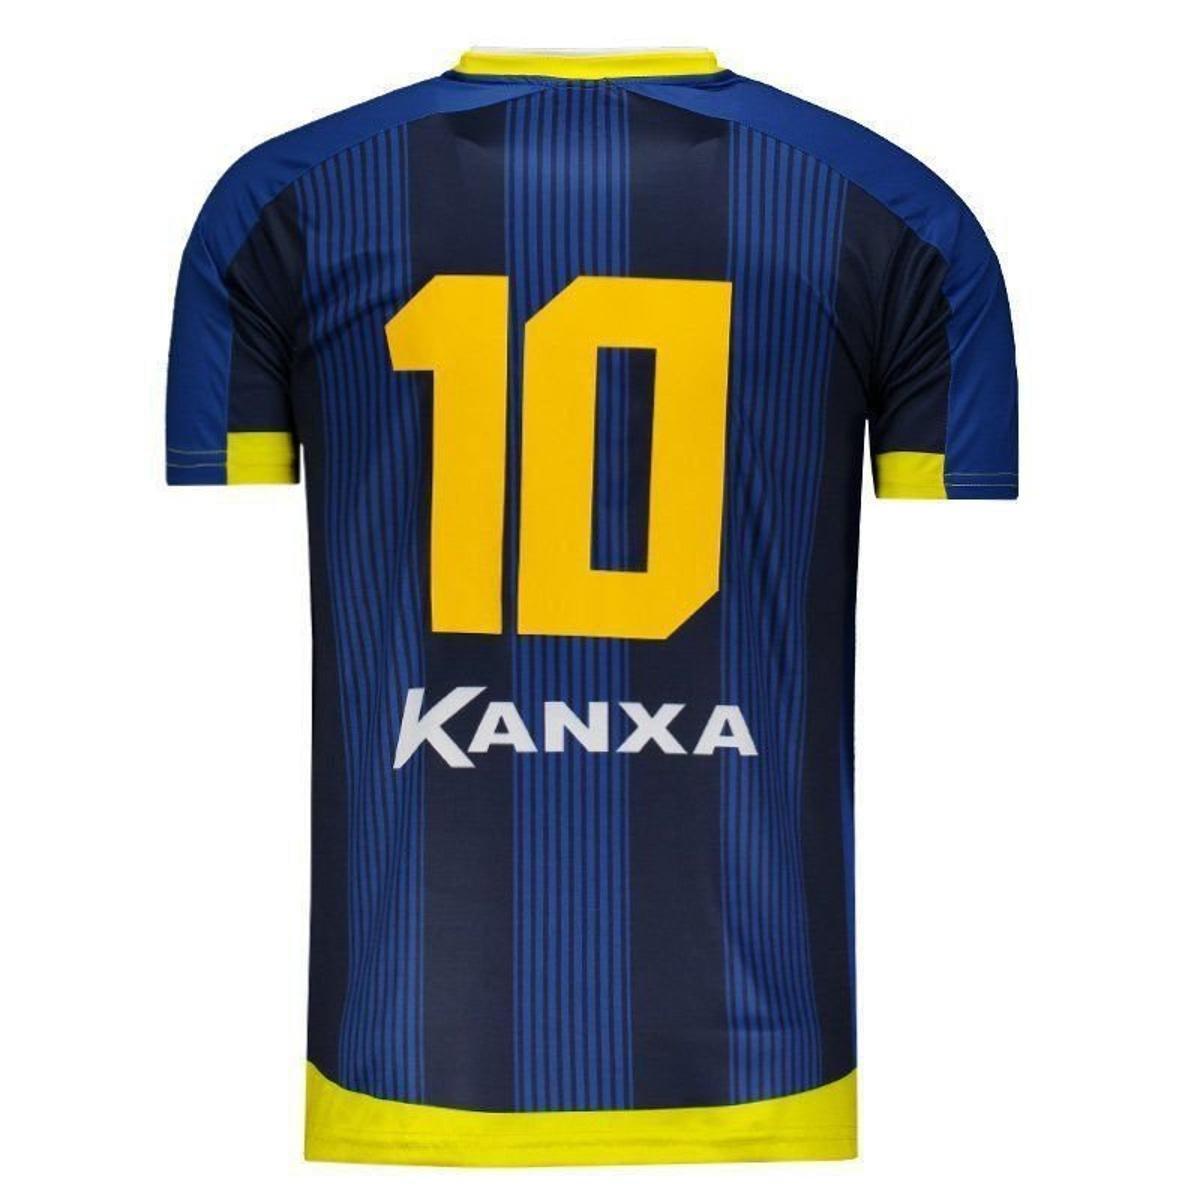 Camisa Kanxa Altos Do Piauí II 2018 Masculina - Marinho - Compre ... a66f39d1db83b